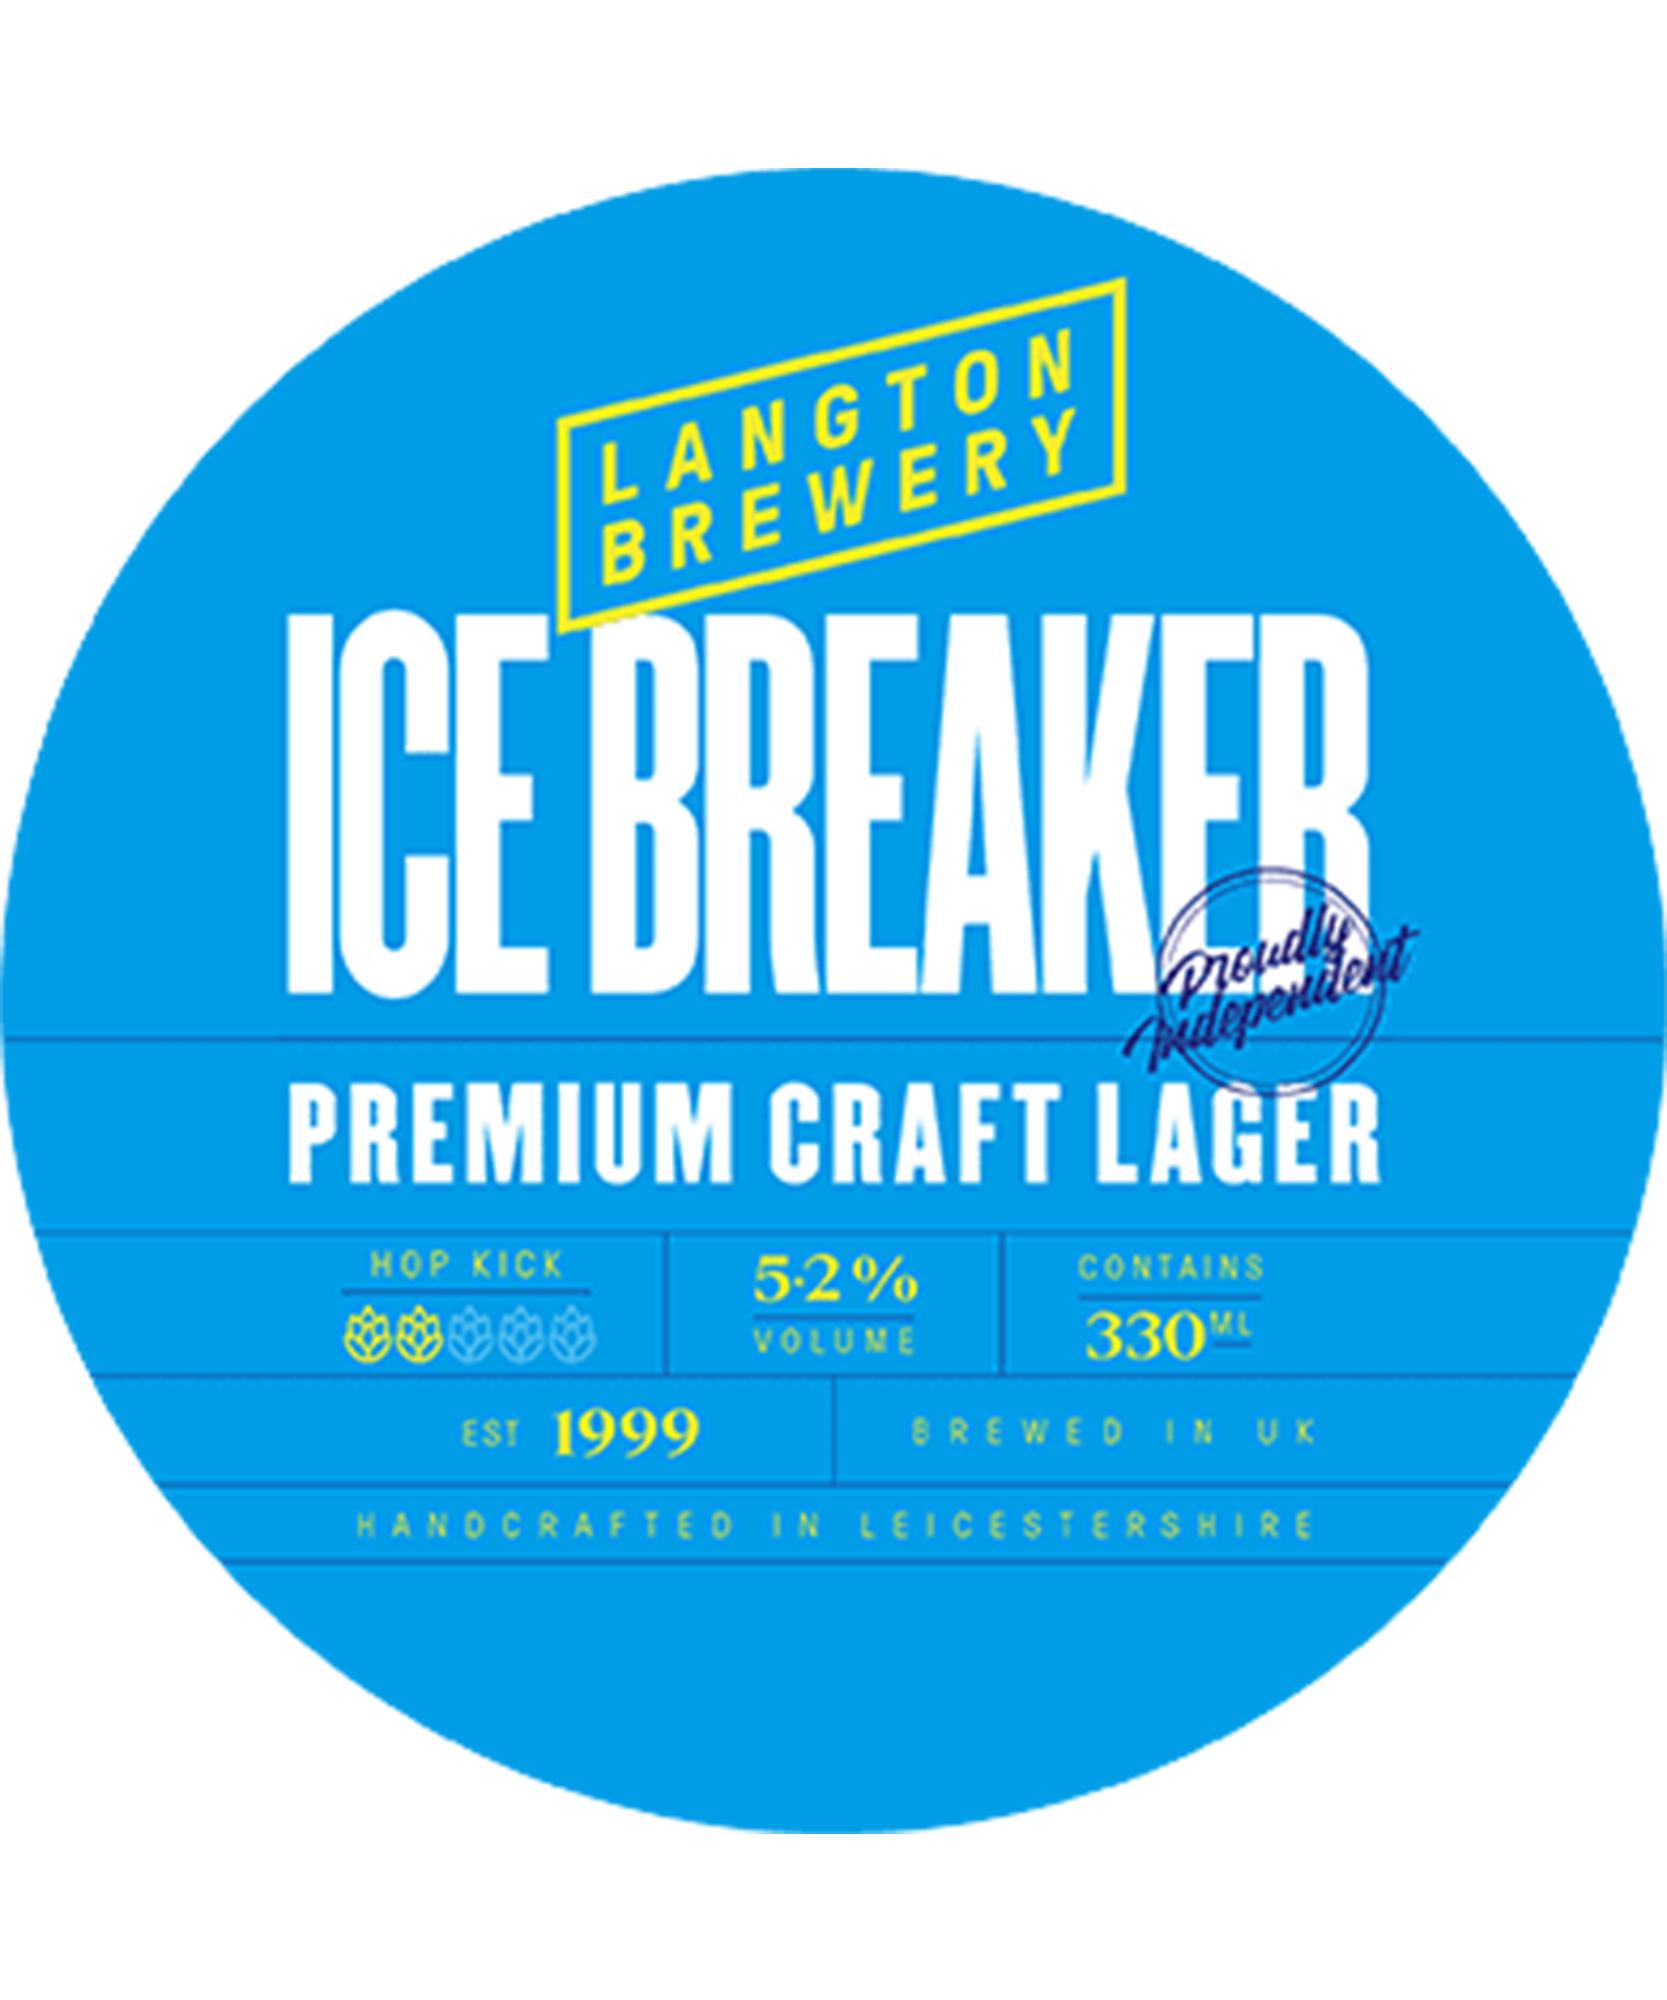 Ice Breaker Craft Lager